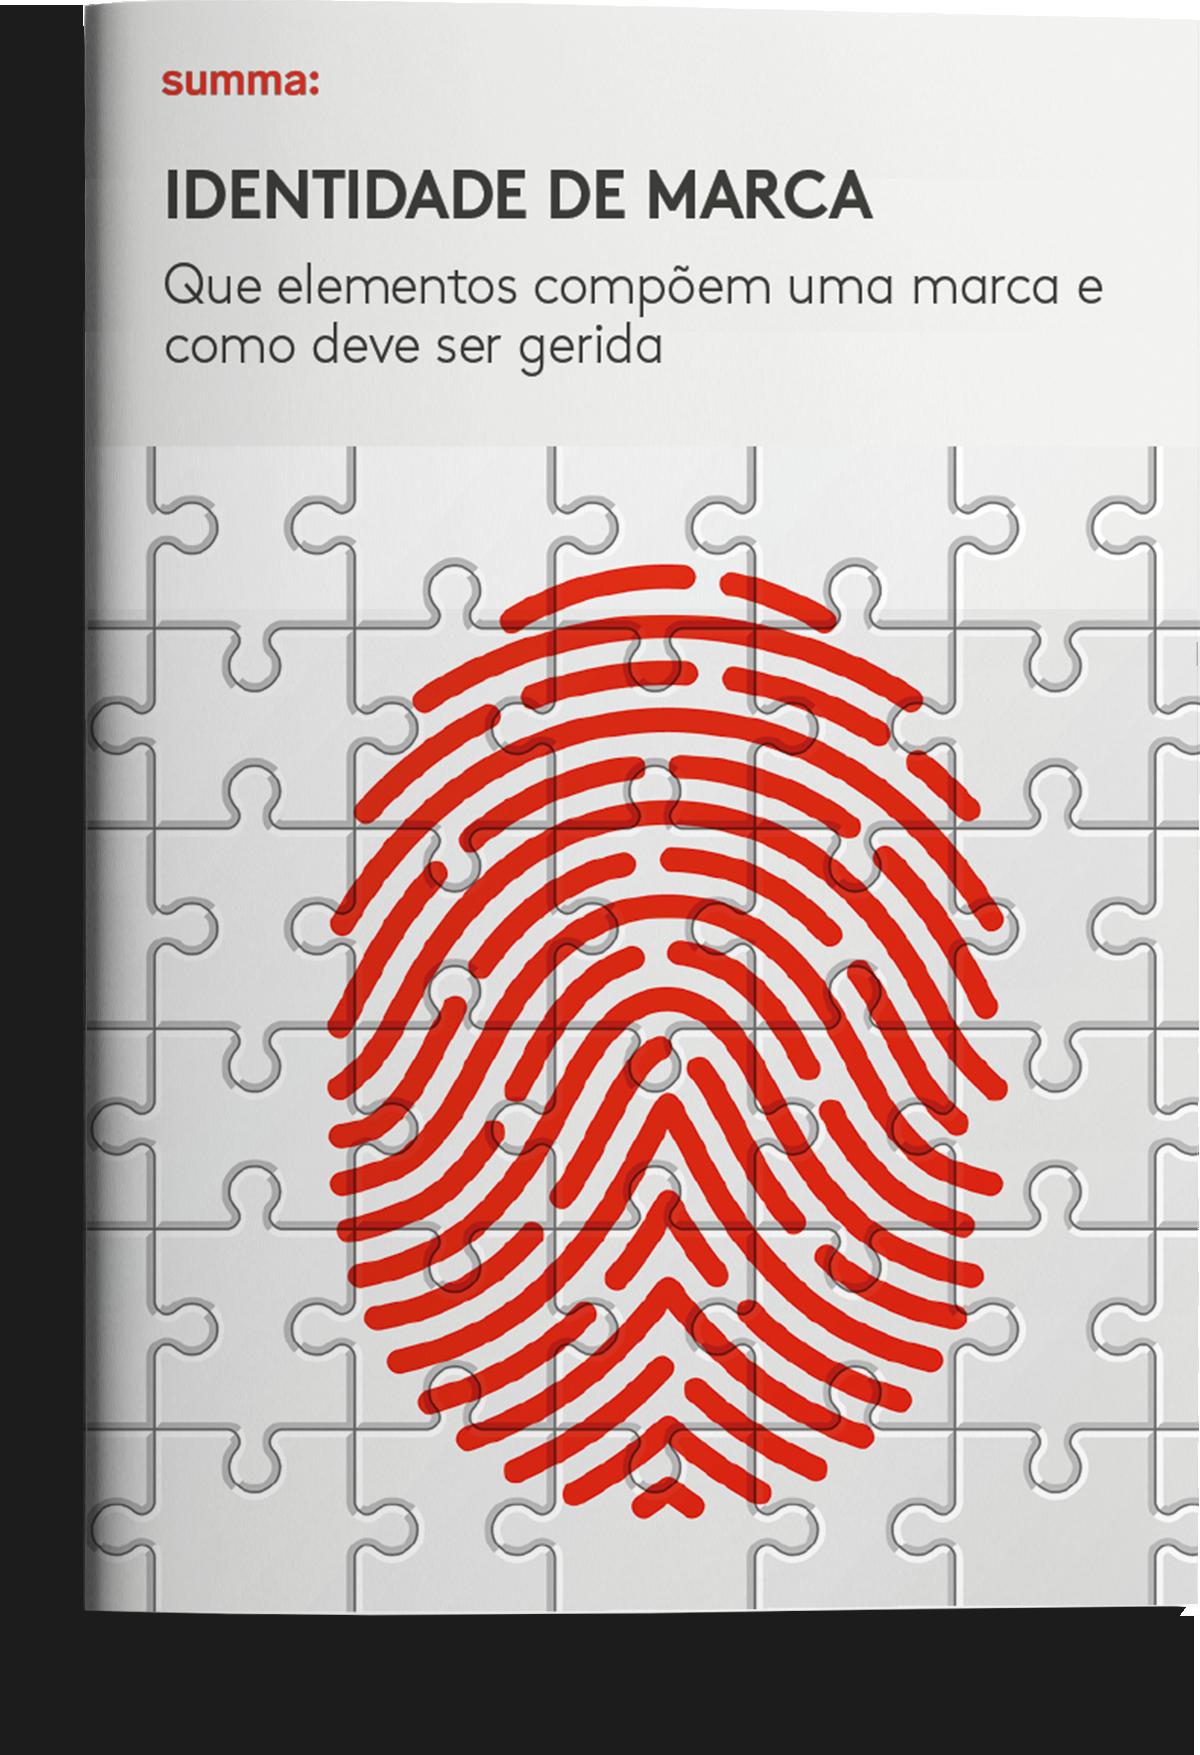 SUM_-_Portada_-identidade marca